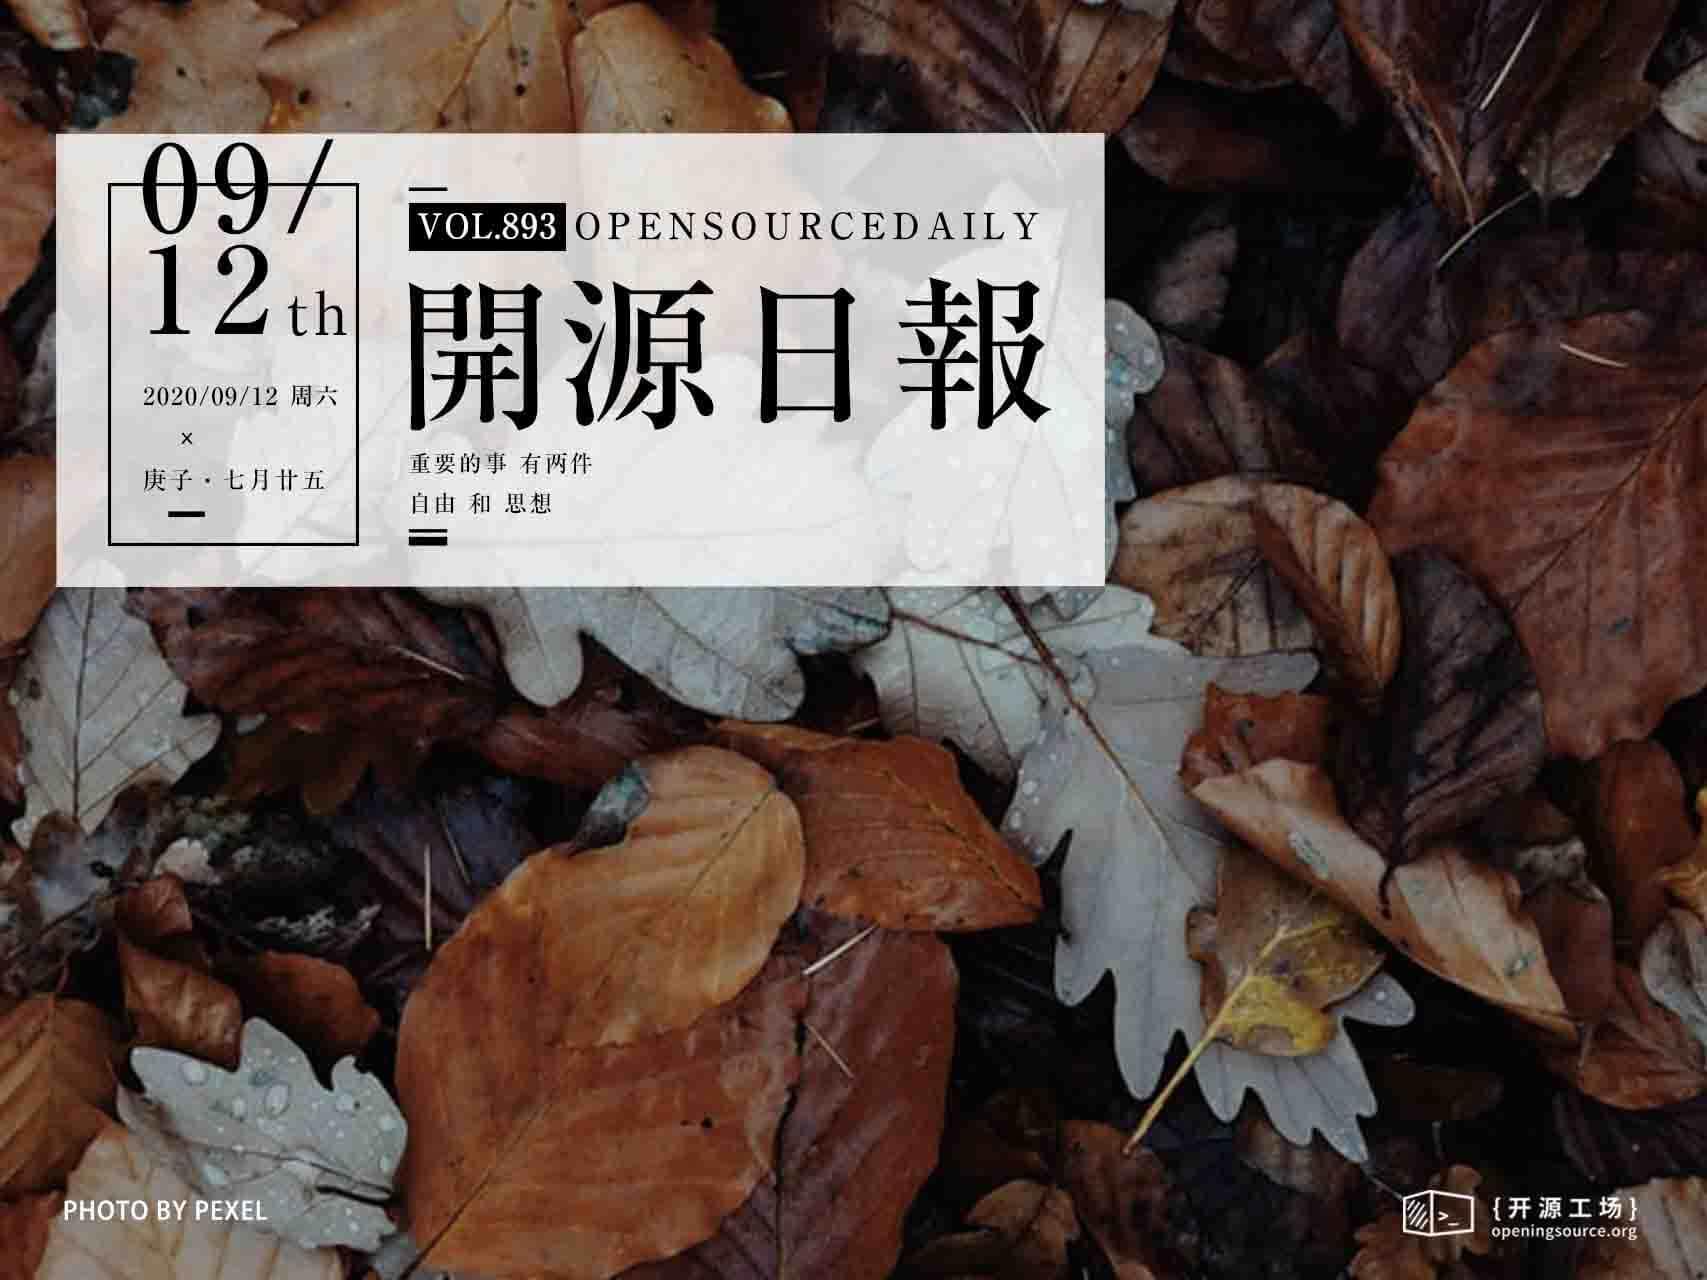 開源日報第893期:《起名 ReName》